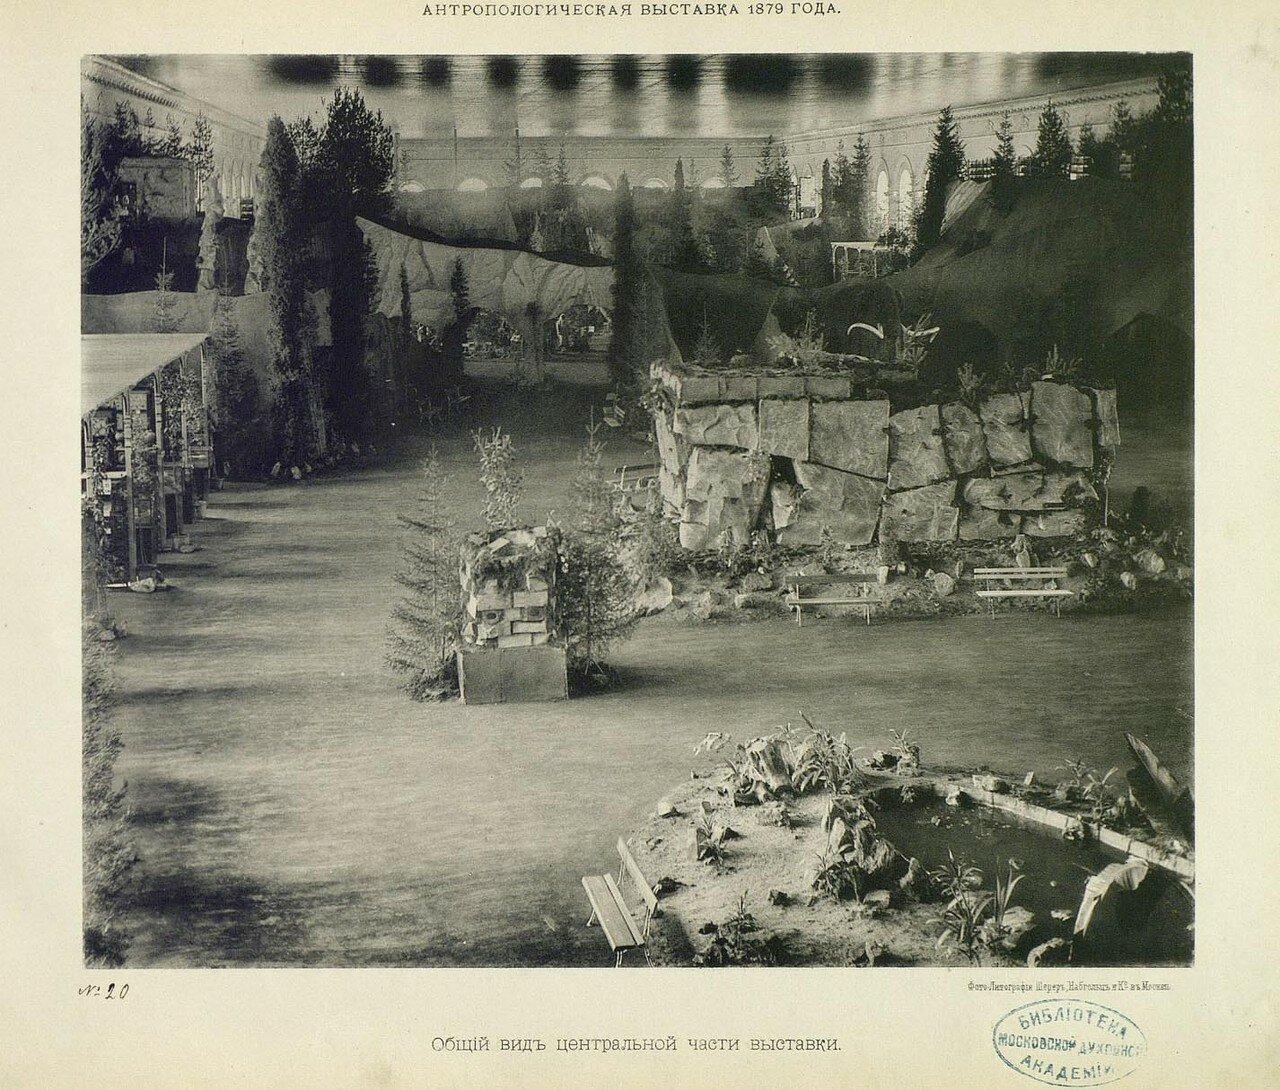 21. Общий вид центральной части Выставки